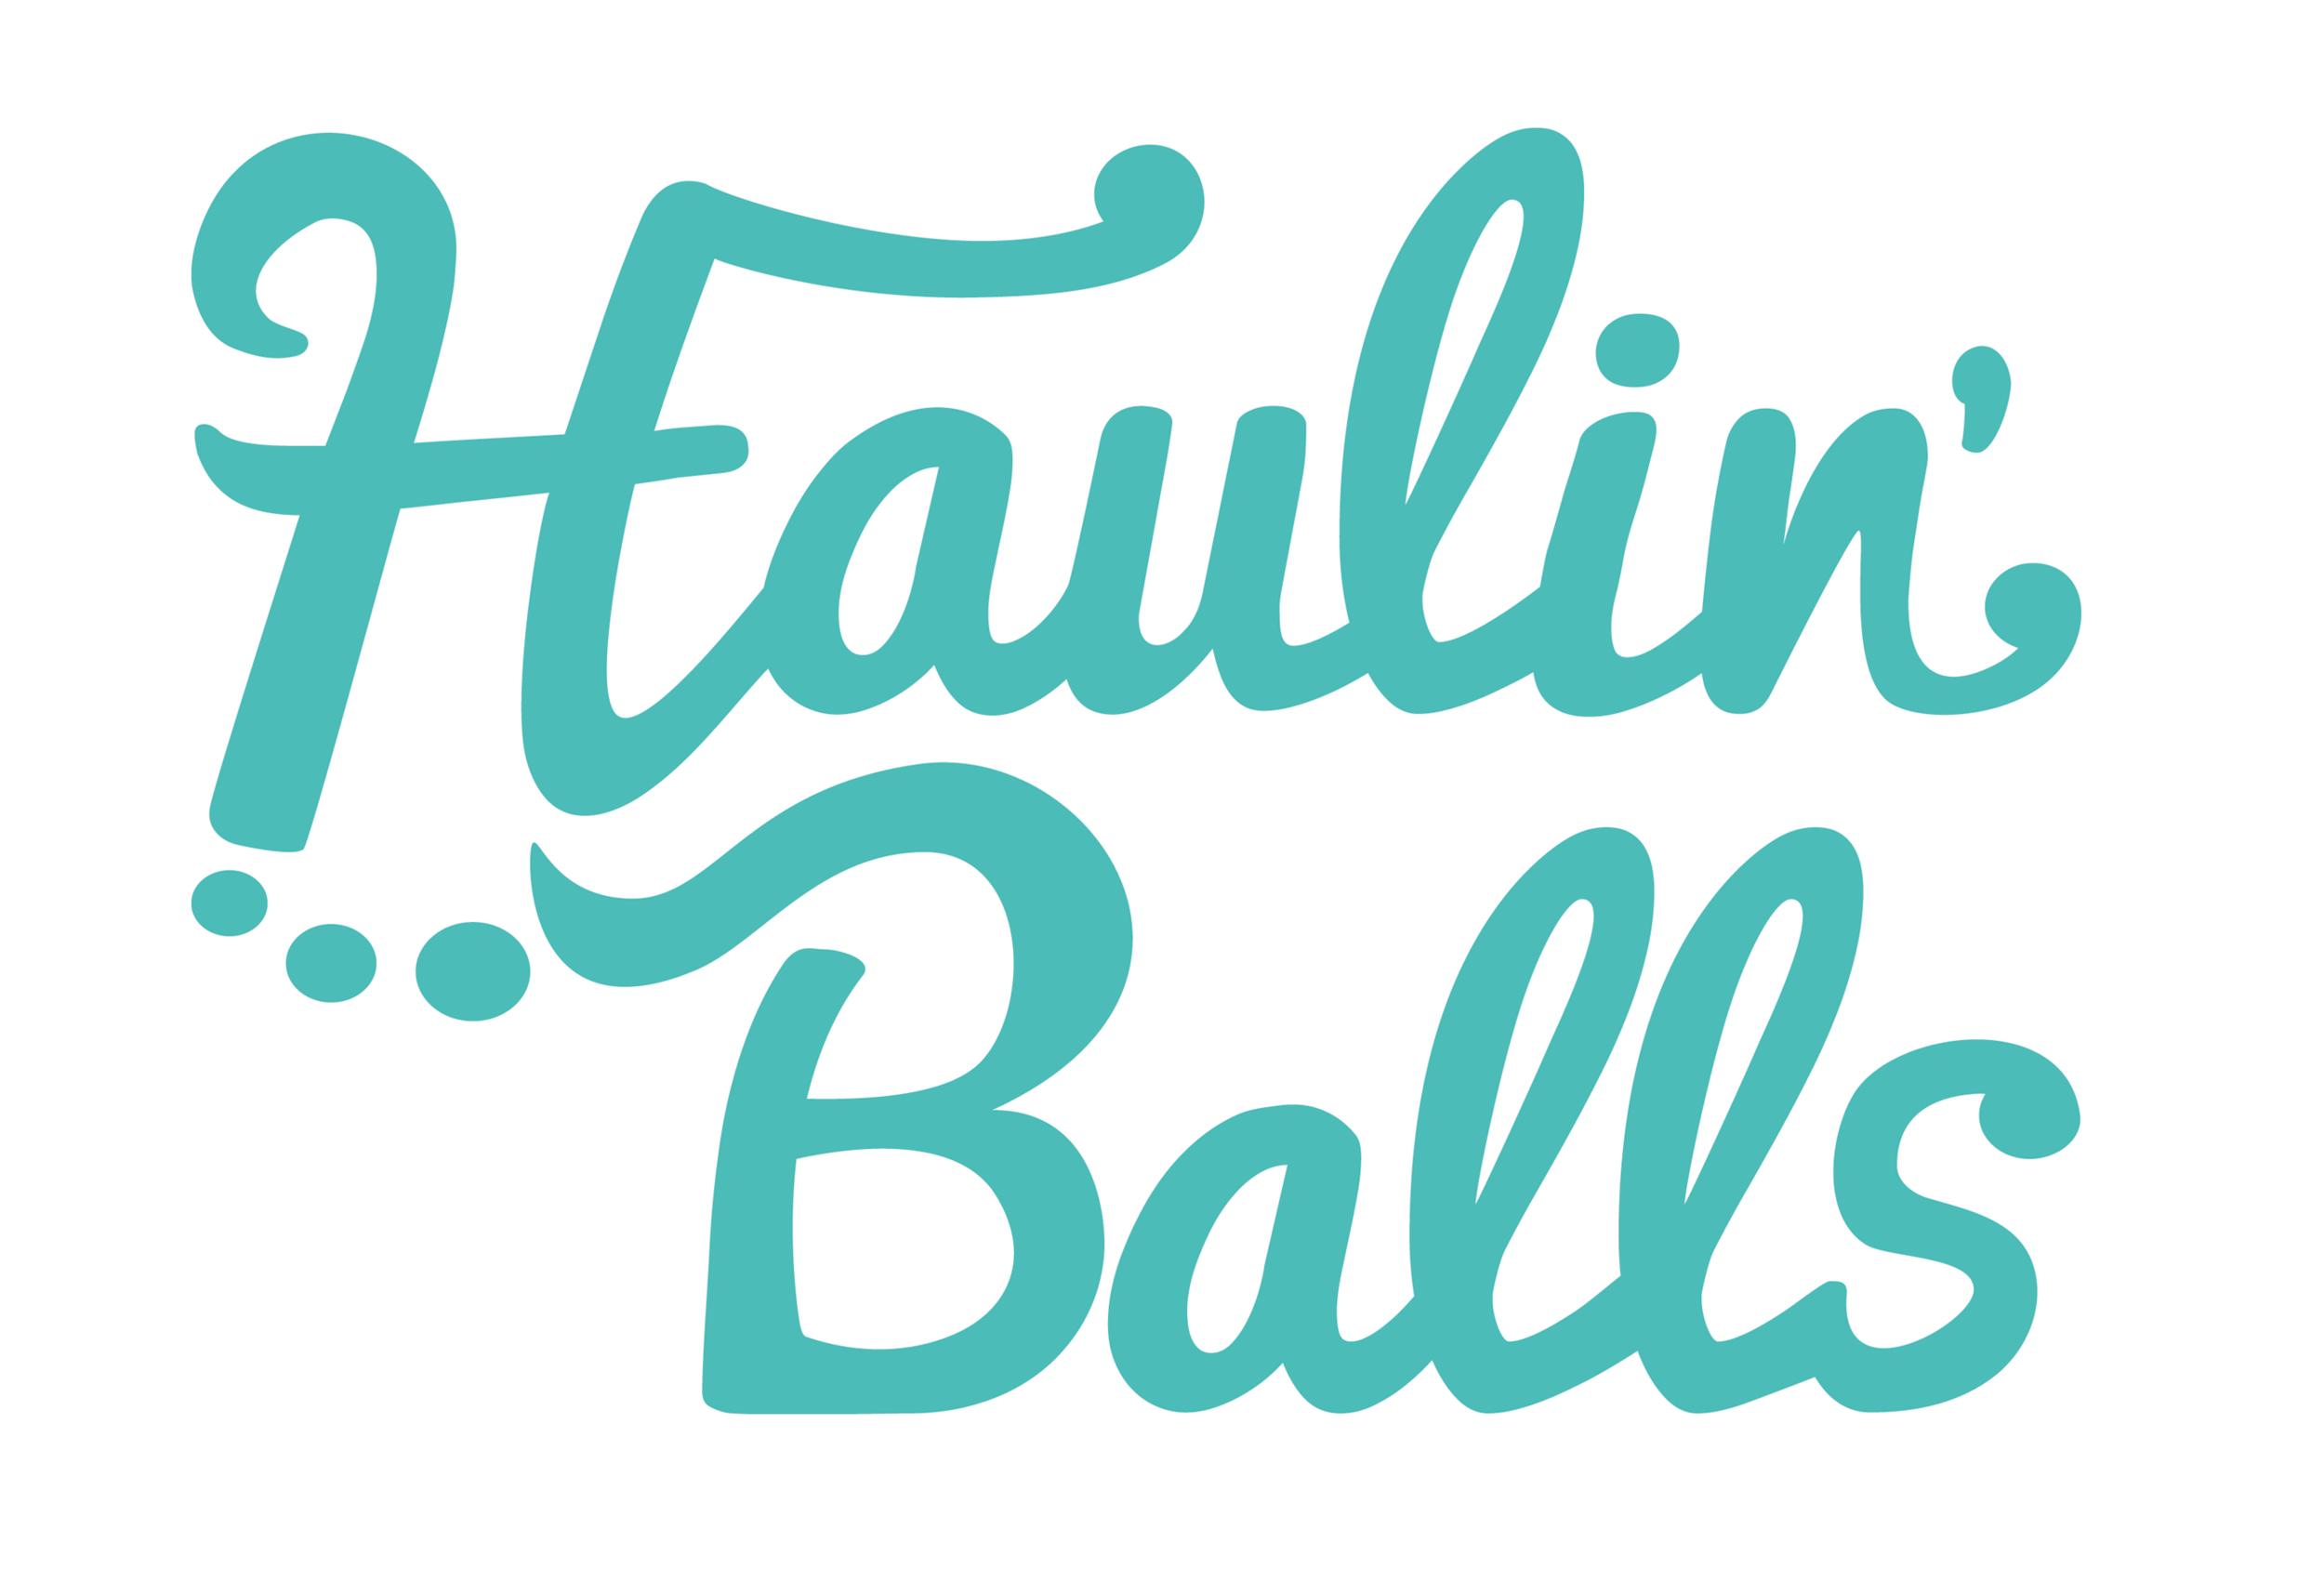 300.HaulinBalls_LogoFinalColor.png